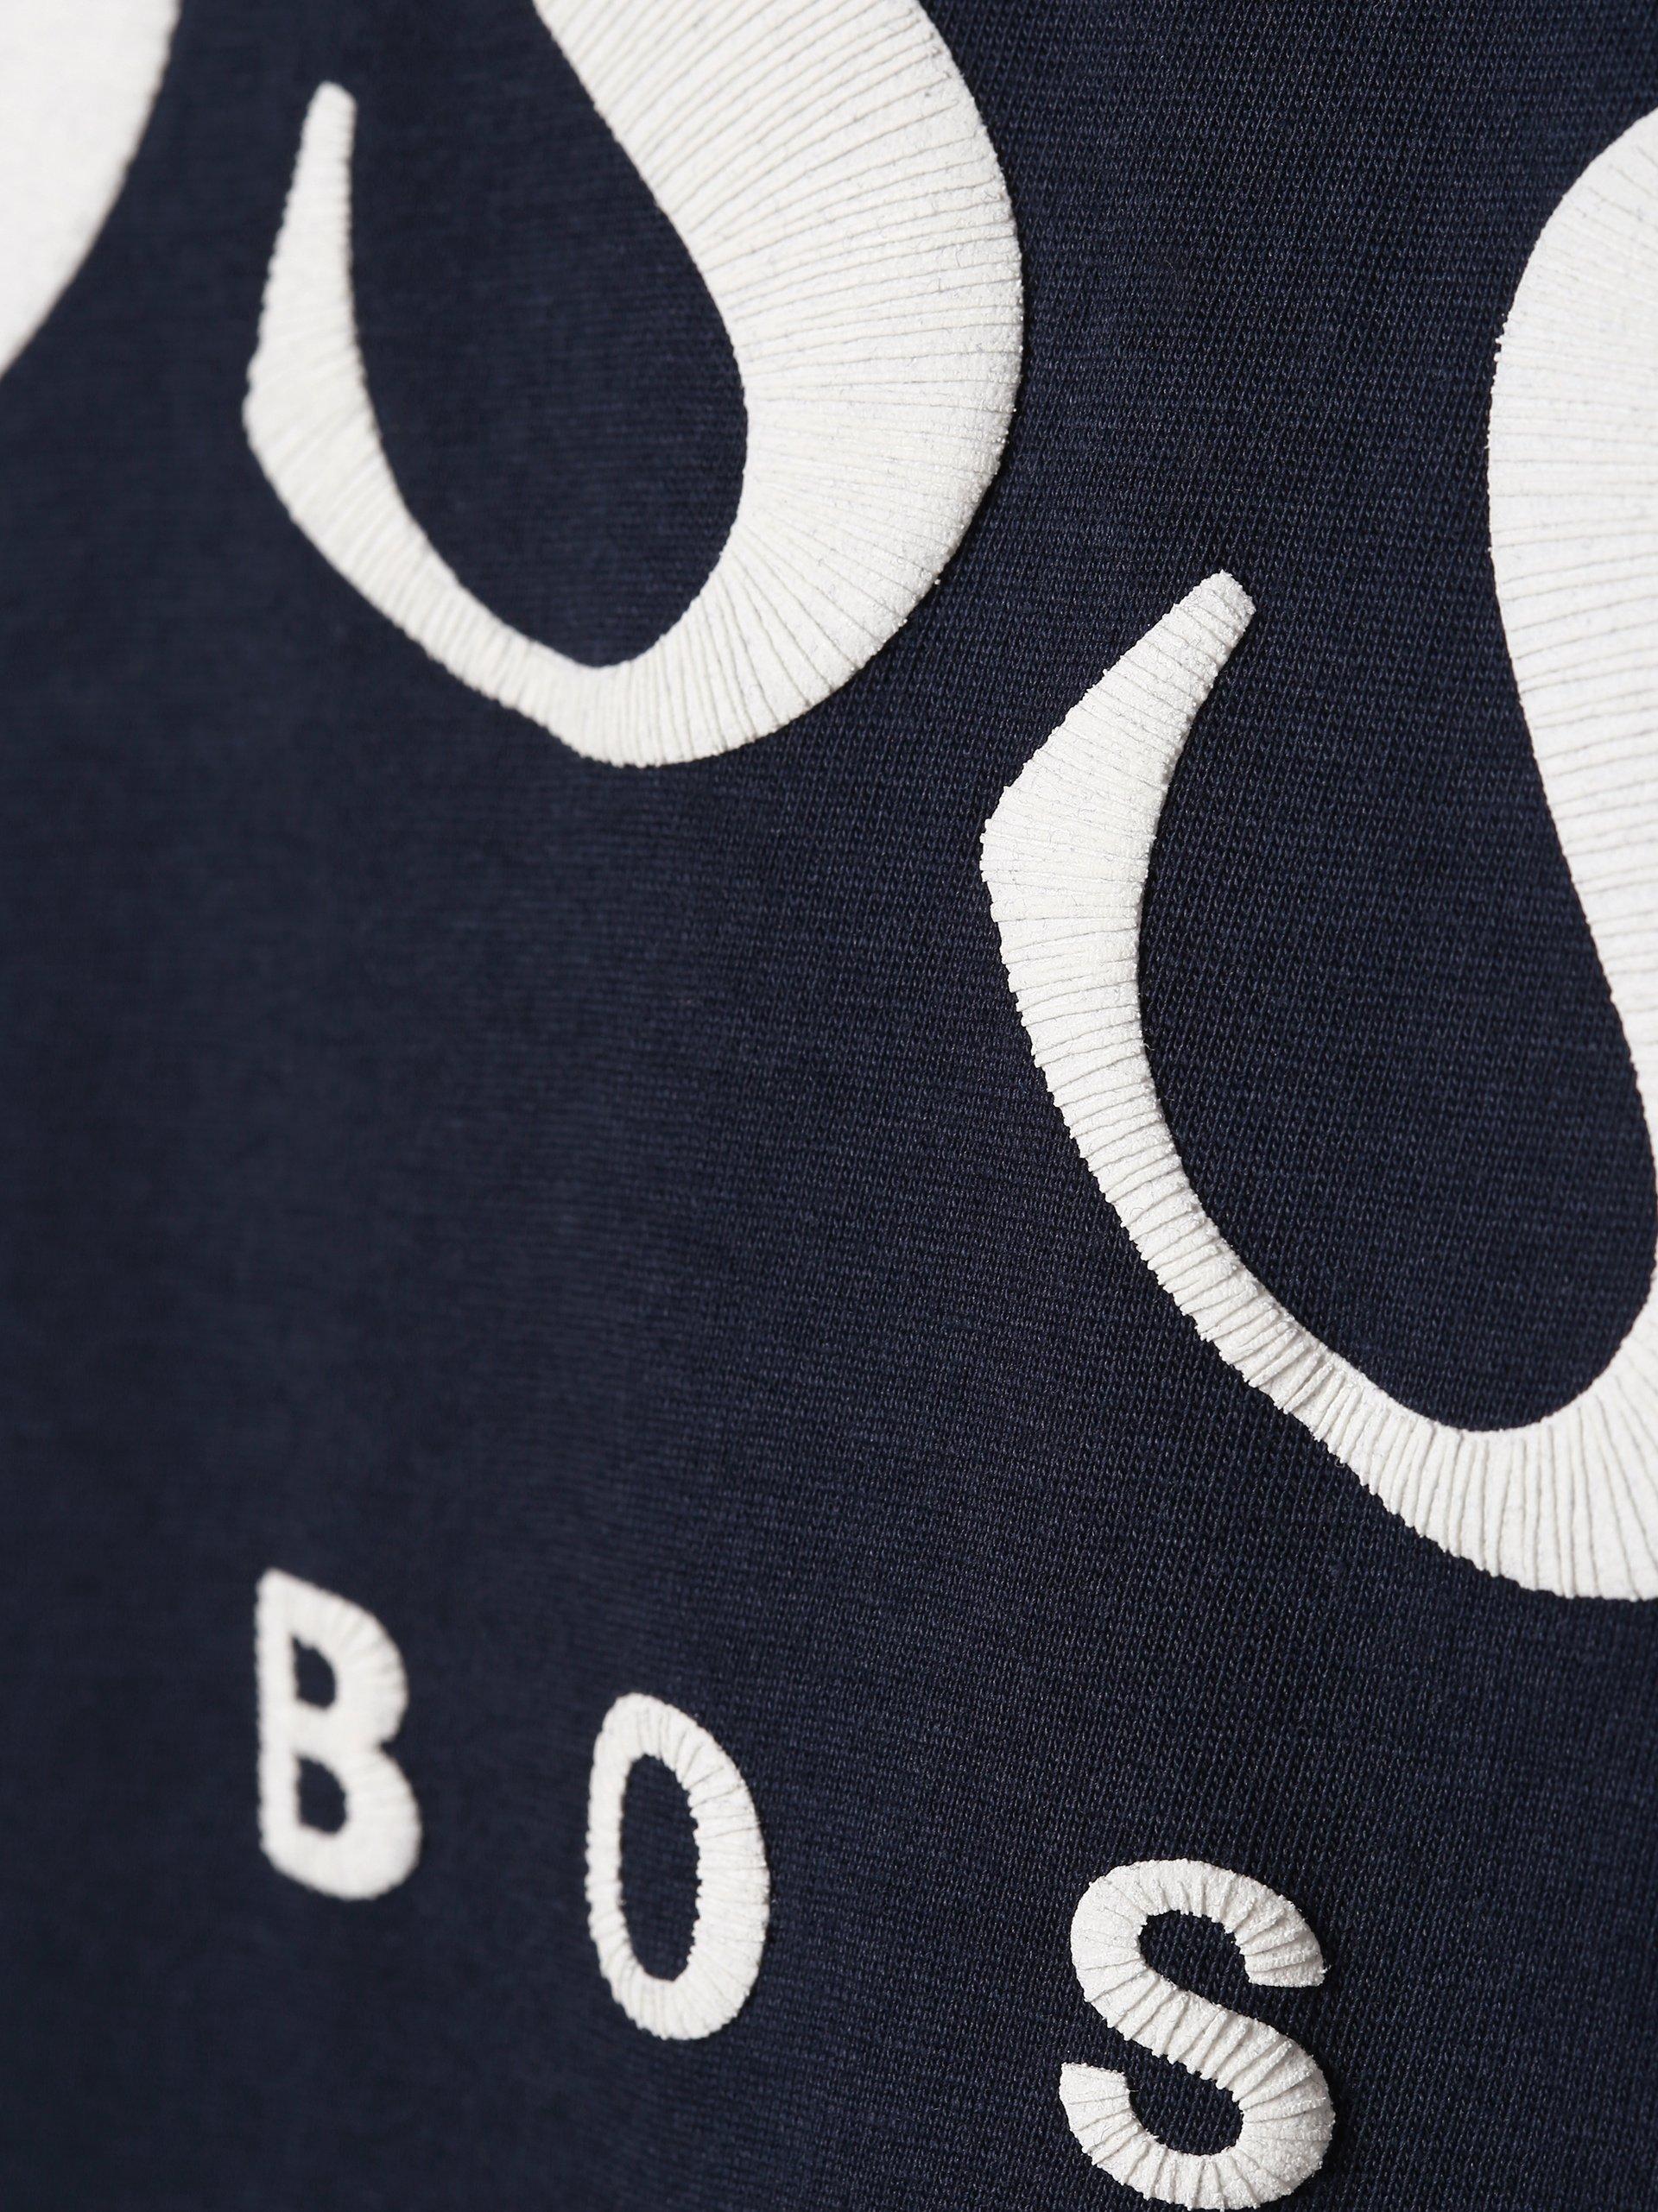 BOSS Athleisure T-shirt męski – Tee 7